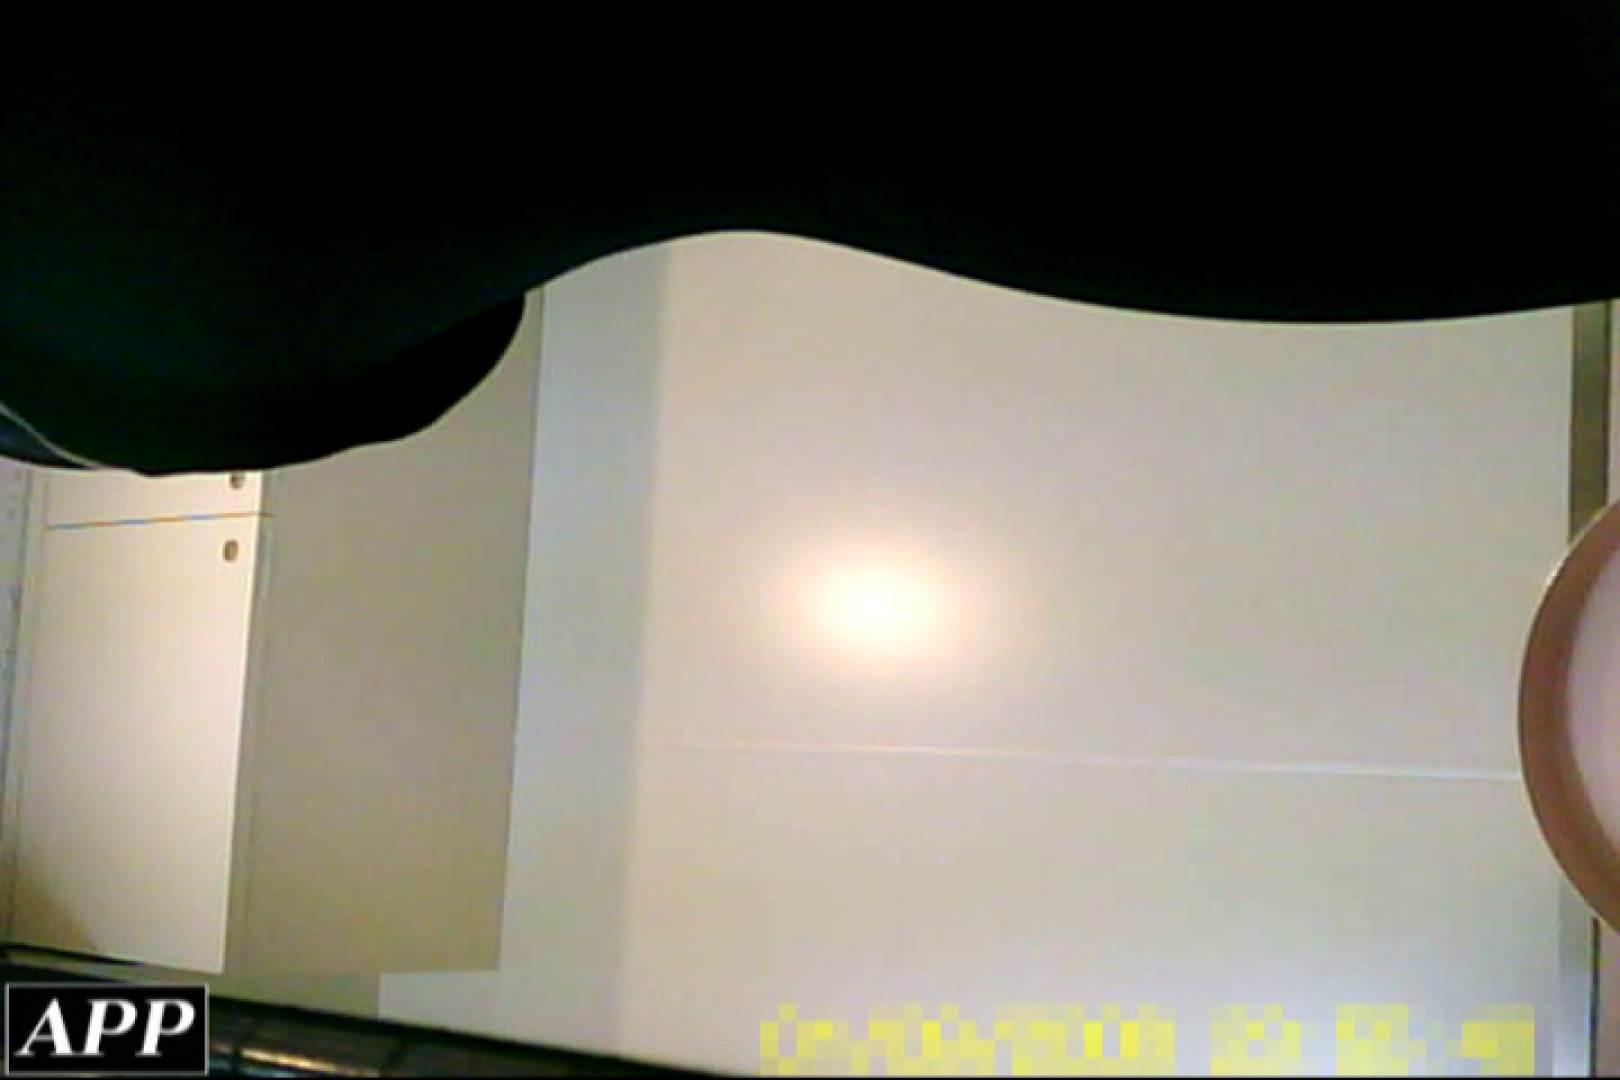 3視点洗面所 vol.126 ギャルのマンコ オメコ無修正動画無料 11枚 3